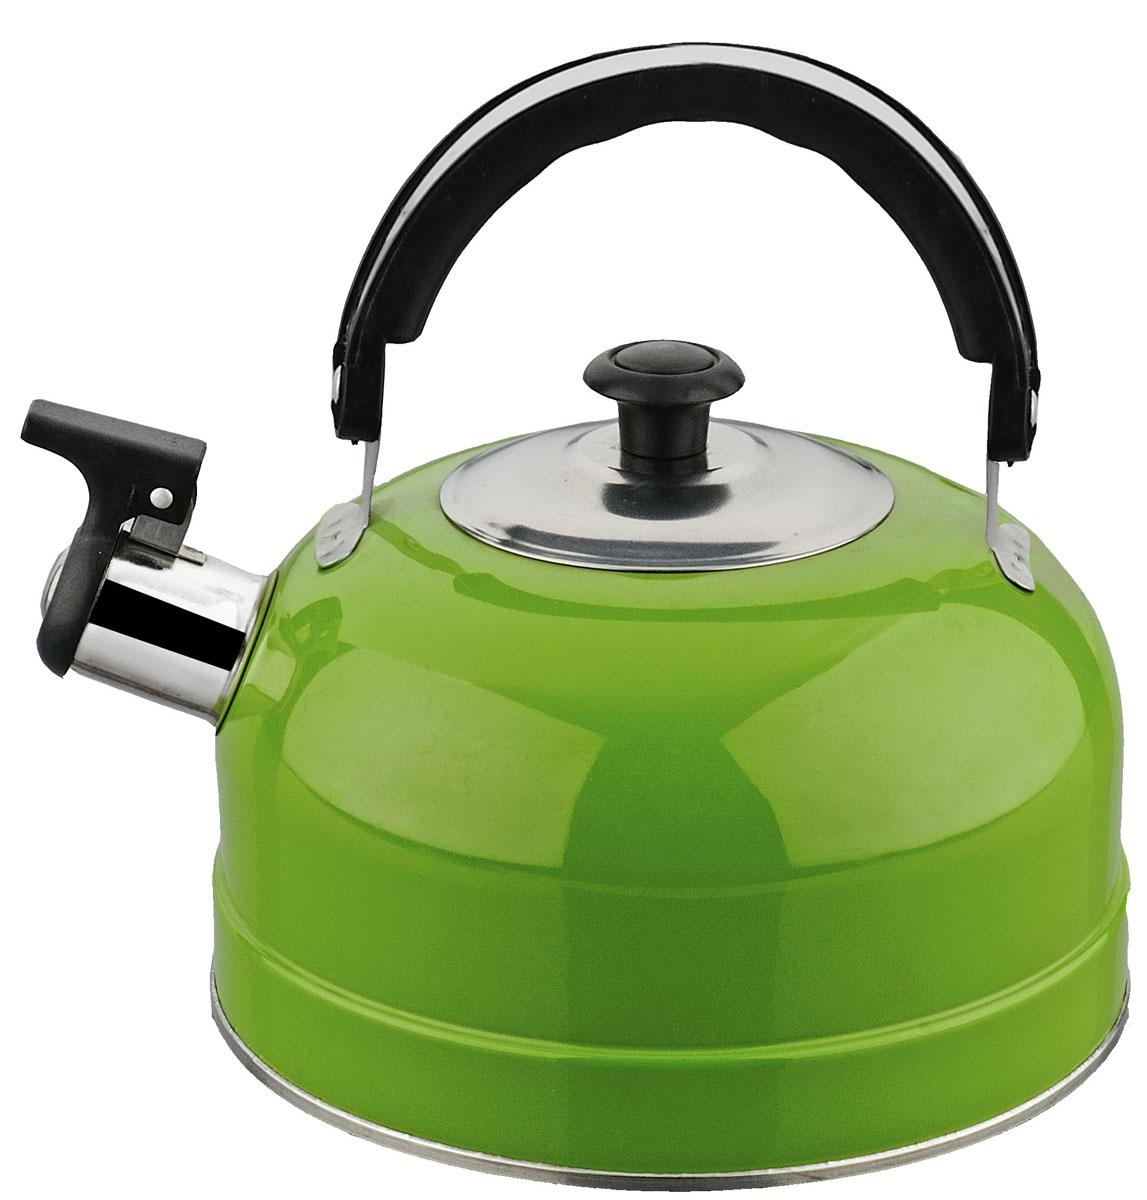 Чайник Irit, со свистком, цвет: зеленый, 2,5 лIRH-418Чайник из нержав стали со свистком, объем 2,5 л. Изготовлен из высококачественной нержавеющей стали, однослойное дно. Подвижная ручка из термостойкого пластика. Ручка не нагревается. ЦВЕТ ЗЕЛЕНЫЙ. полезный объем 2 л